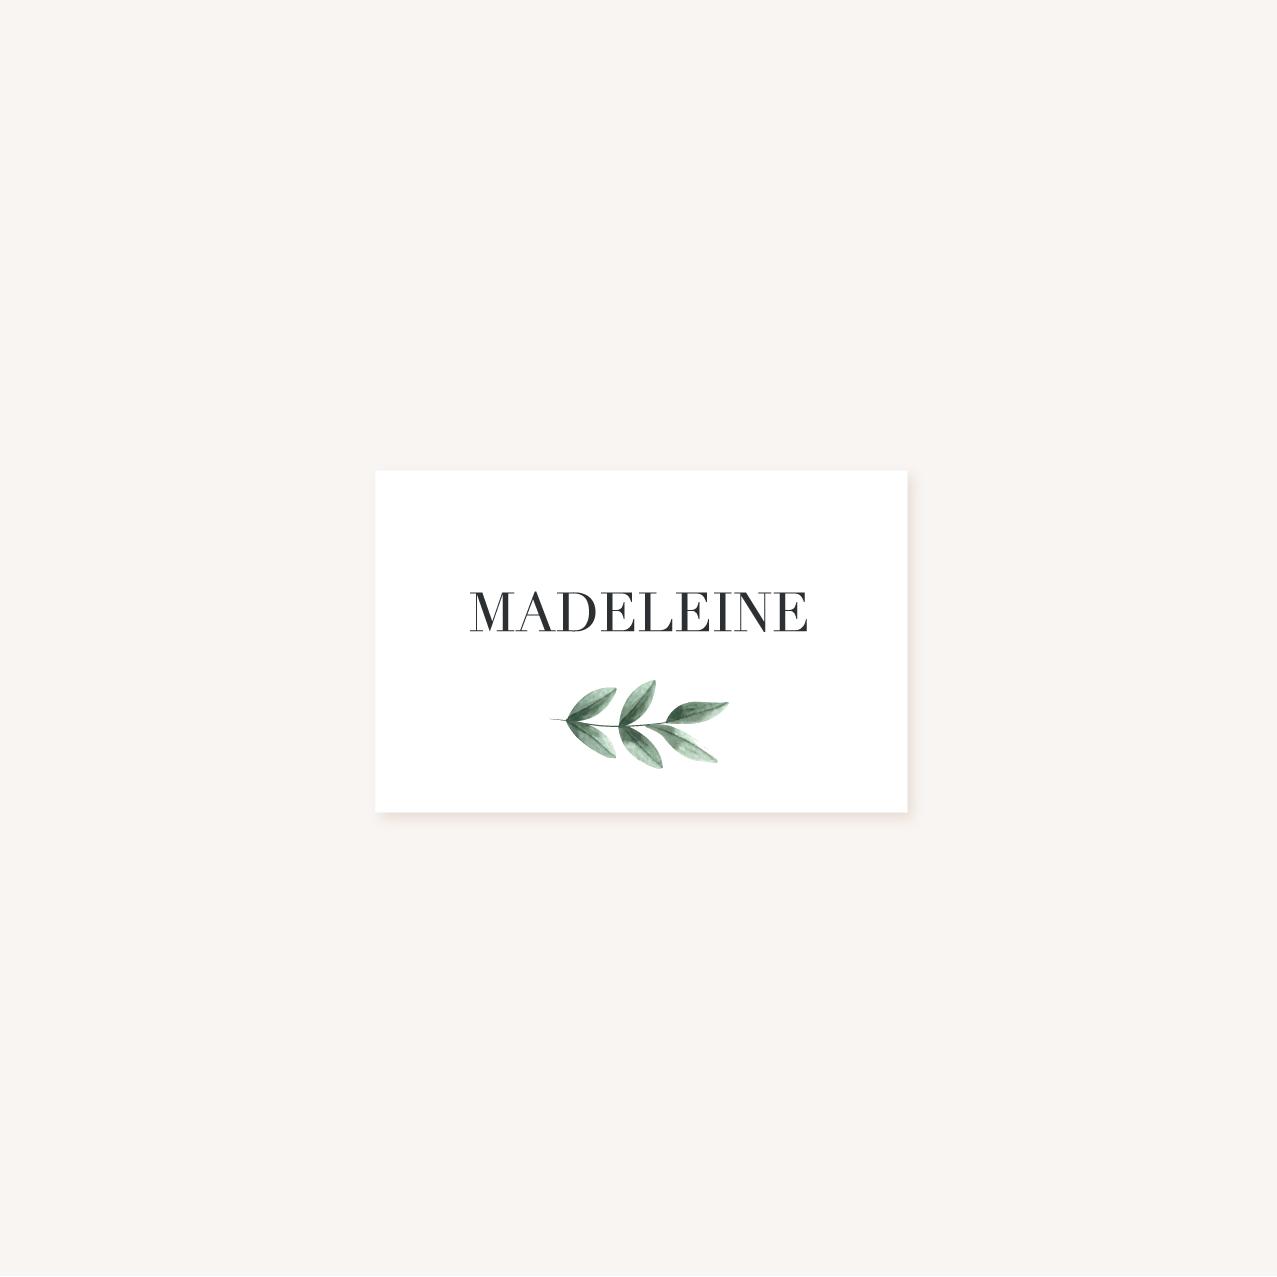 Étiquette nom mariage, illustrations, portrait, toi et moi, Floral, nature, rose, nude, pêche, vert d'eau, vert menthe, eucalyptus, feuillage, végétal, aquarelle, dessin, couple, photo, romantique, végétal, nature, champêtre